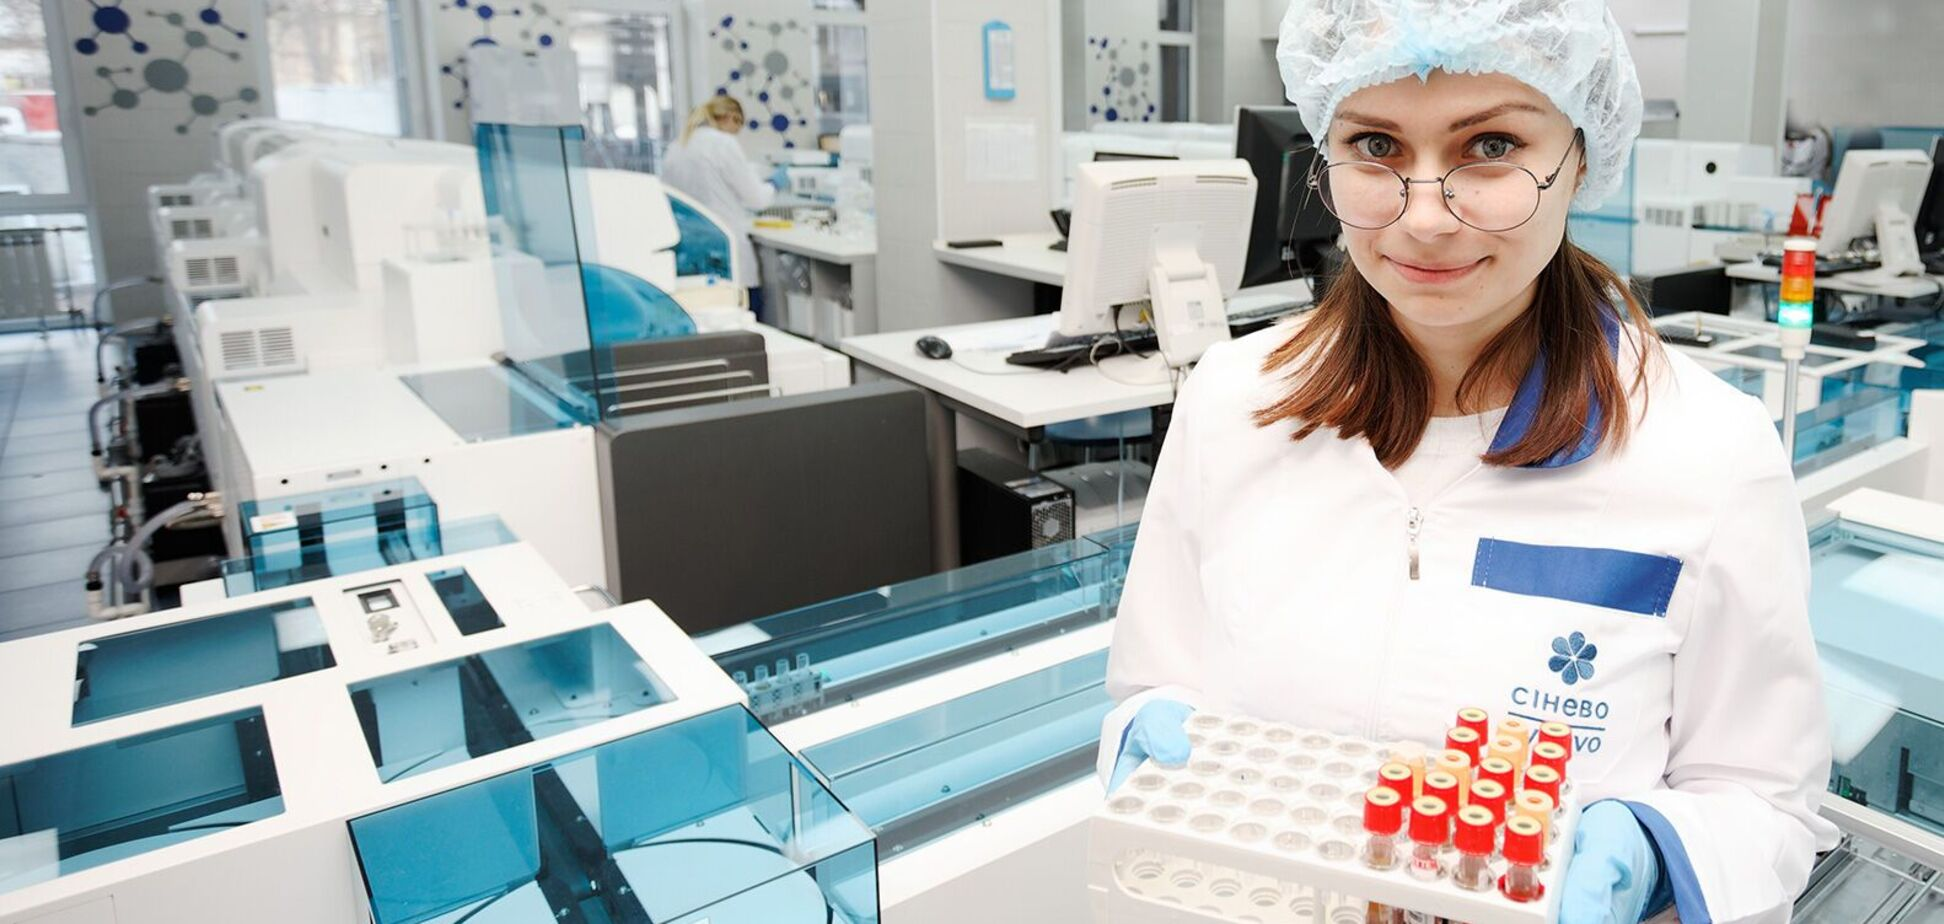 Синэво – номер один среди всех частных лабораторий